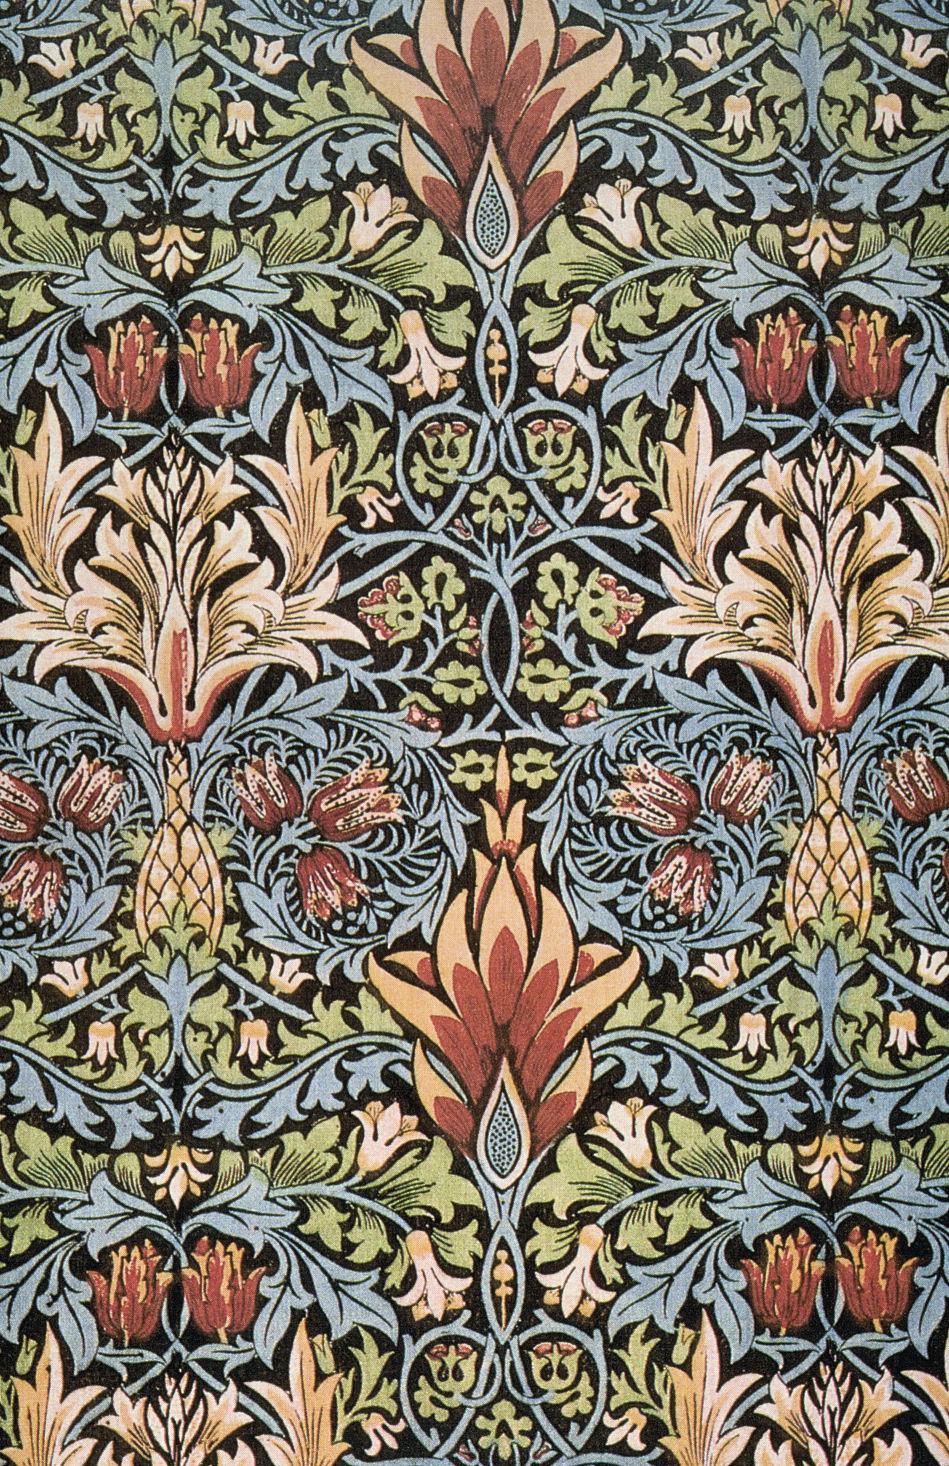 Morris_Snakeshead_printed_textile_1876_v_2.jpg